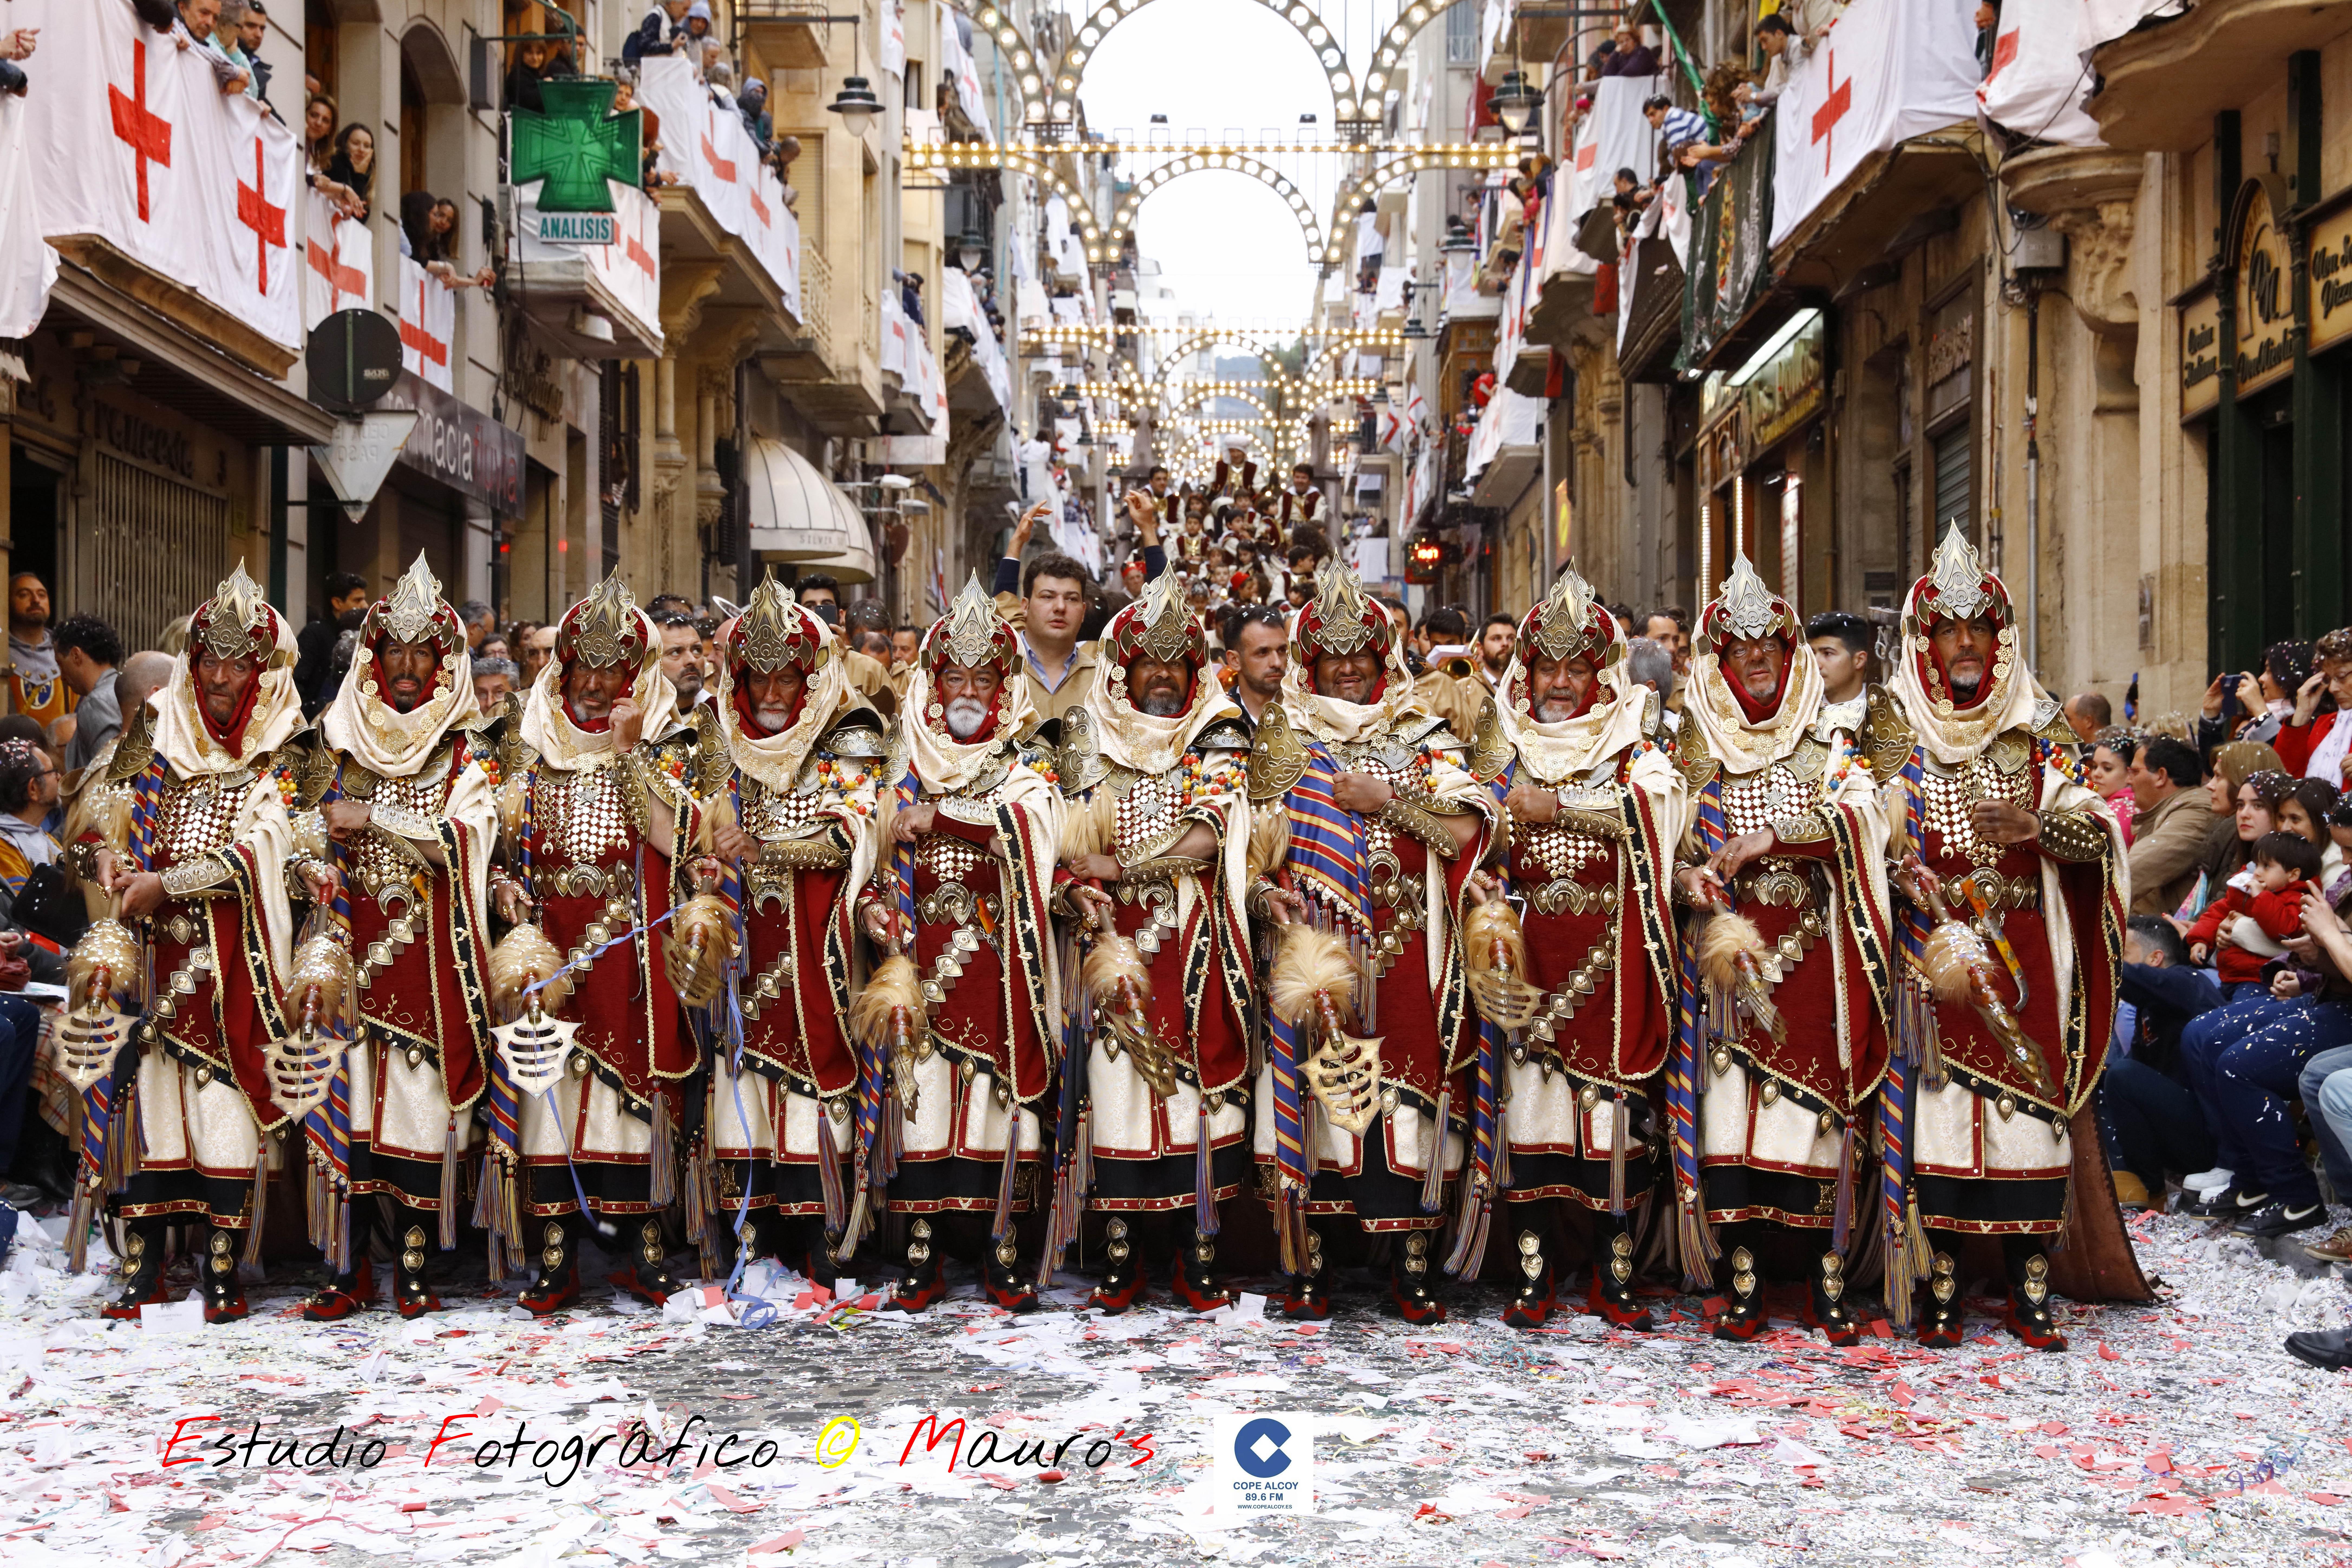 La Escuadra del Mig de los Marrakesch ha marcado el ecuador de la entrada / Foto: Estudio Fotográfico Mauro´s